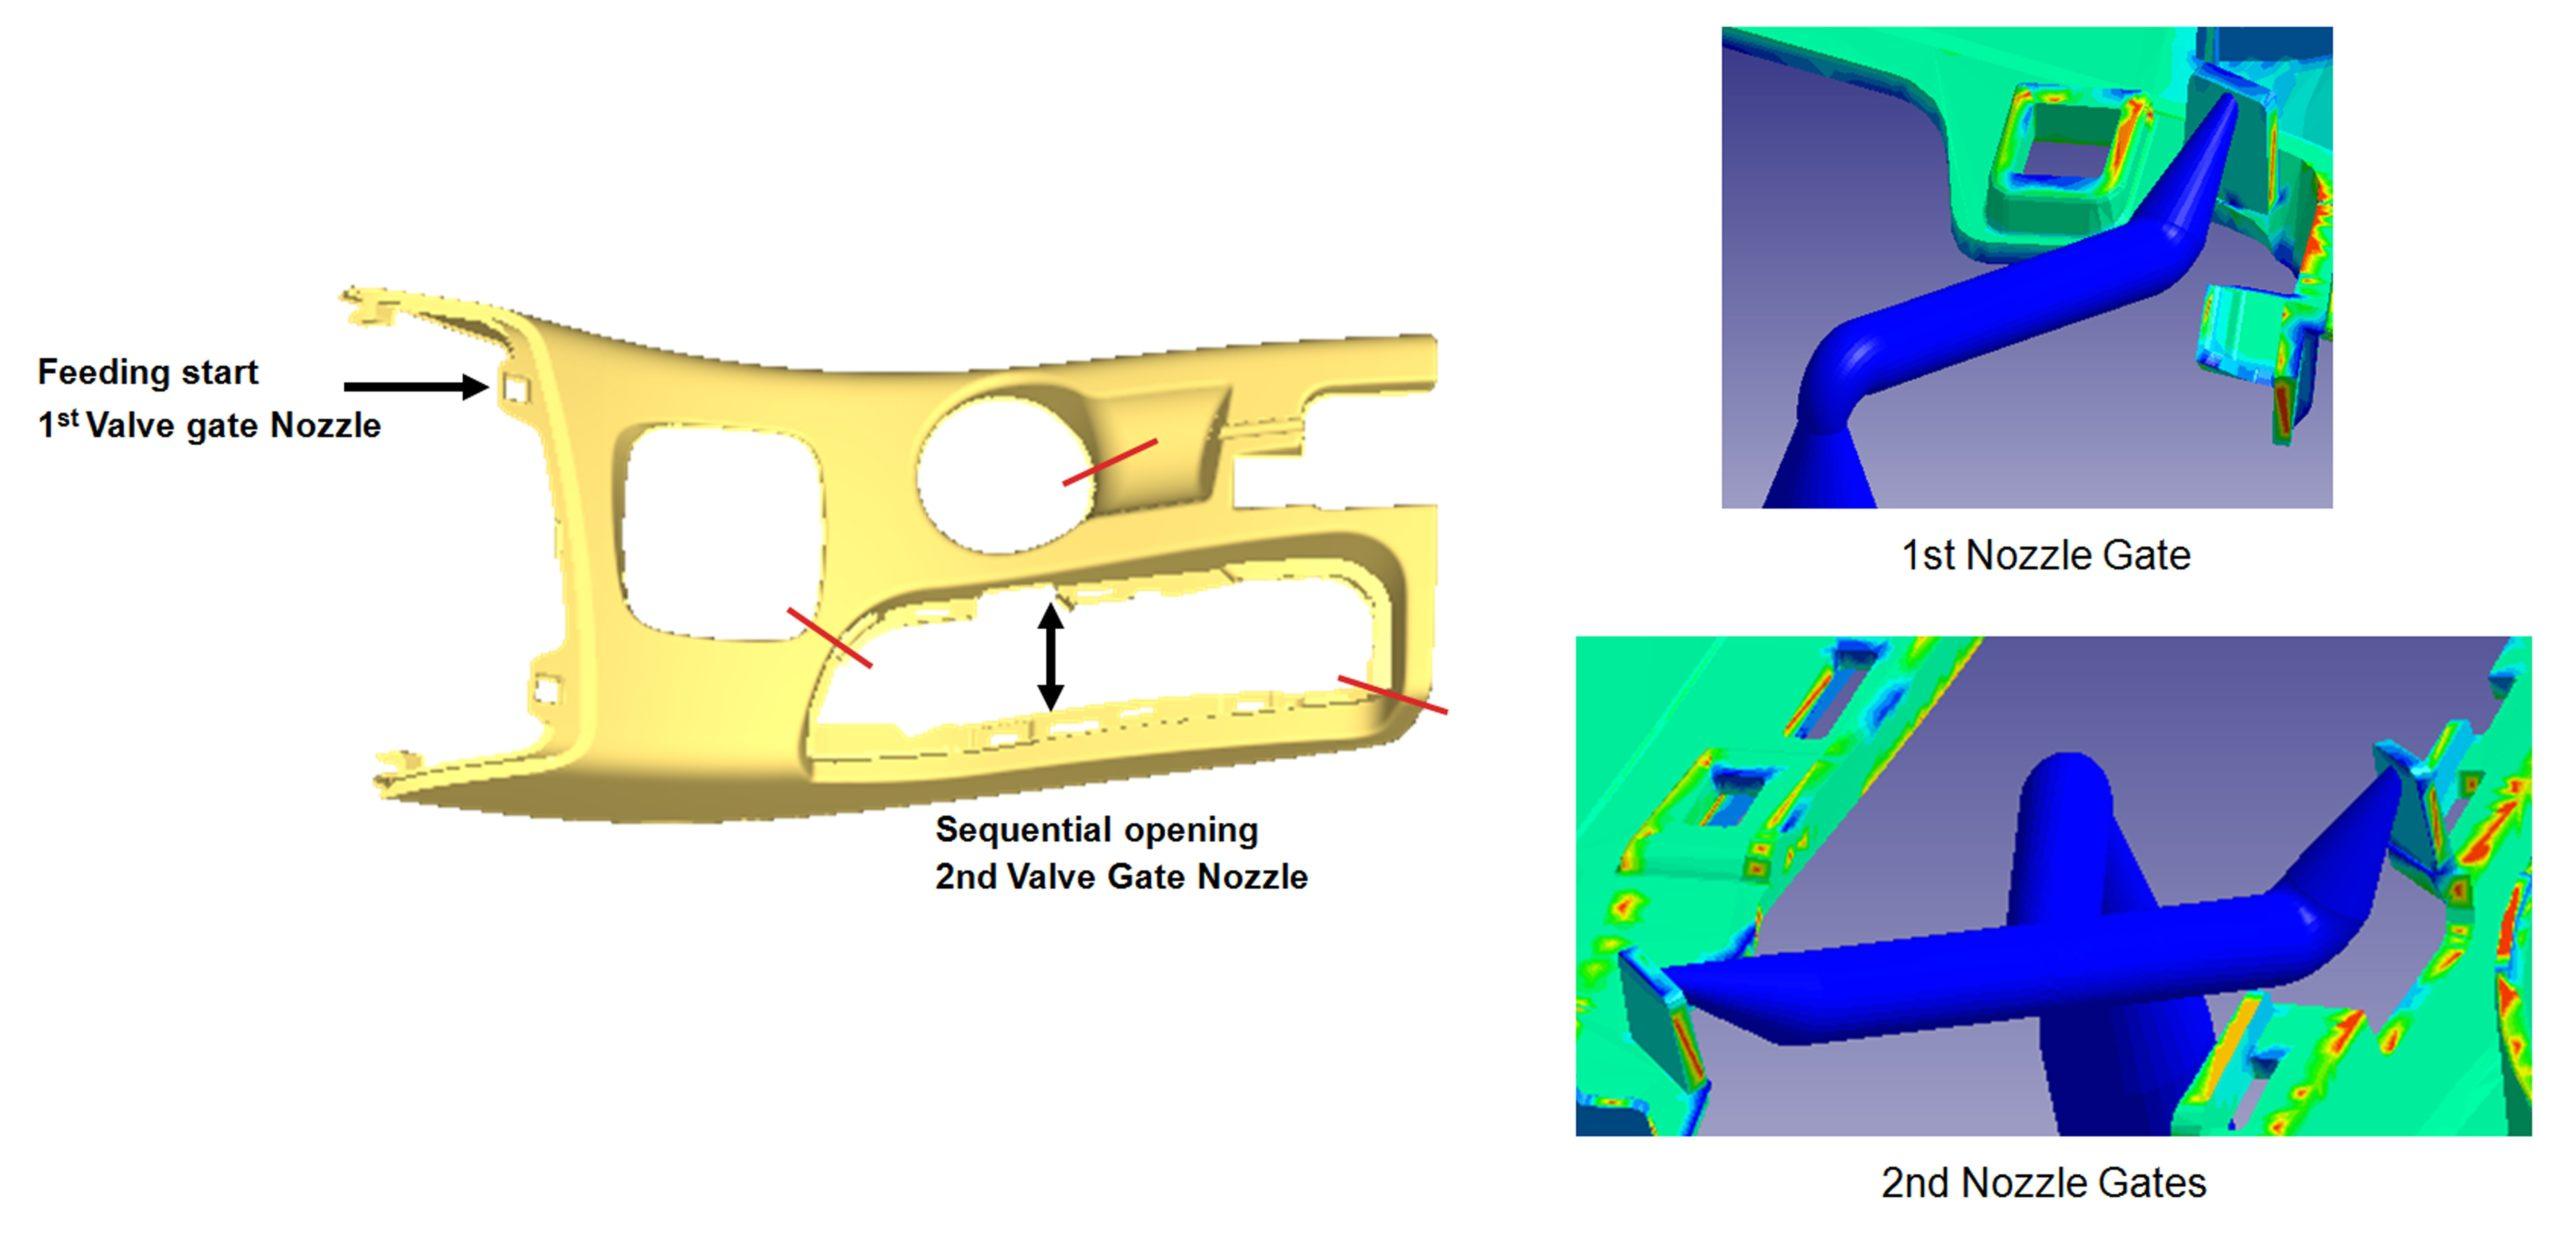 Zmiany w układzie wlewowym – zastosowanie dwóch sterowanych dysz GK